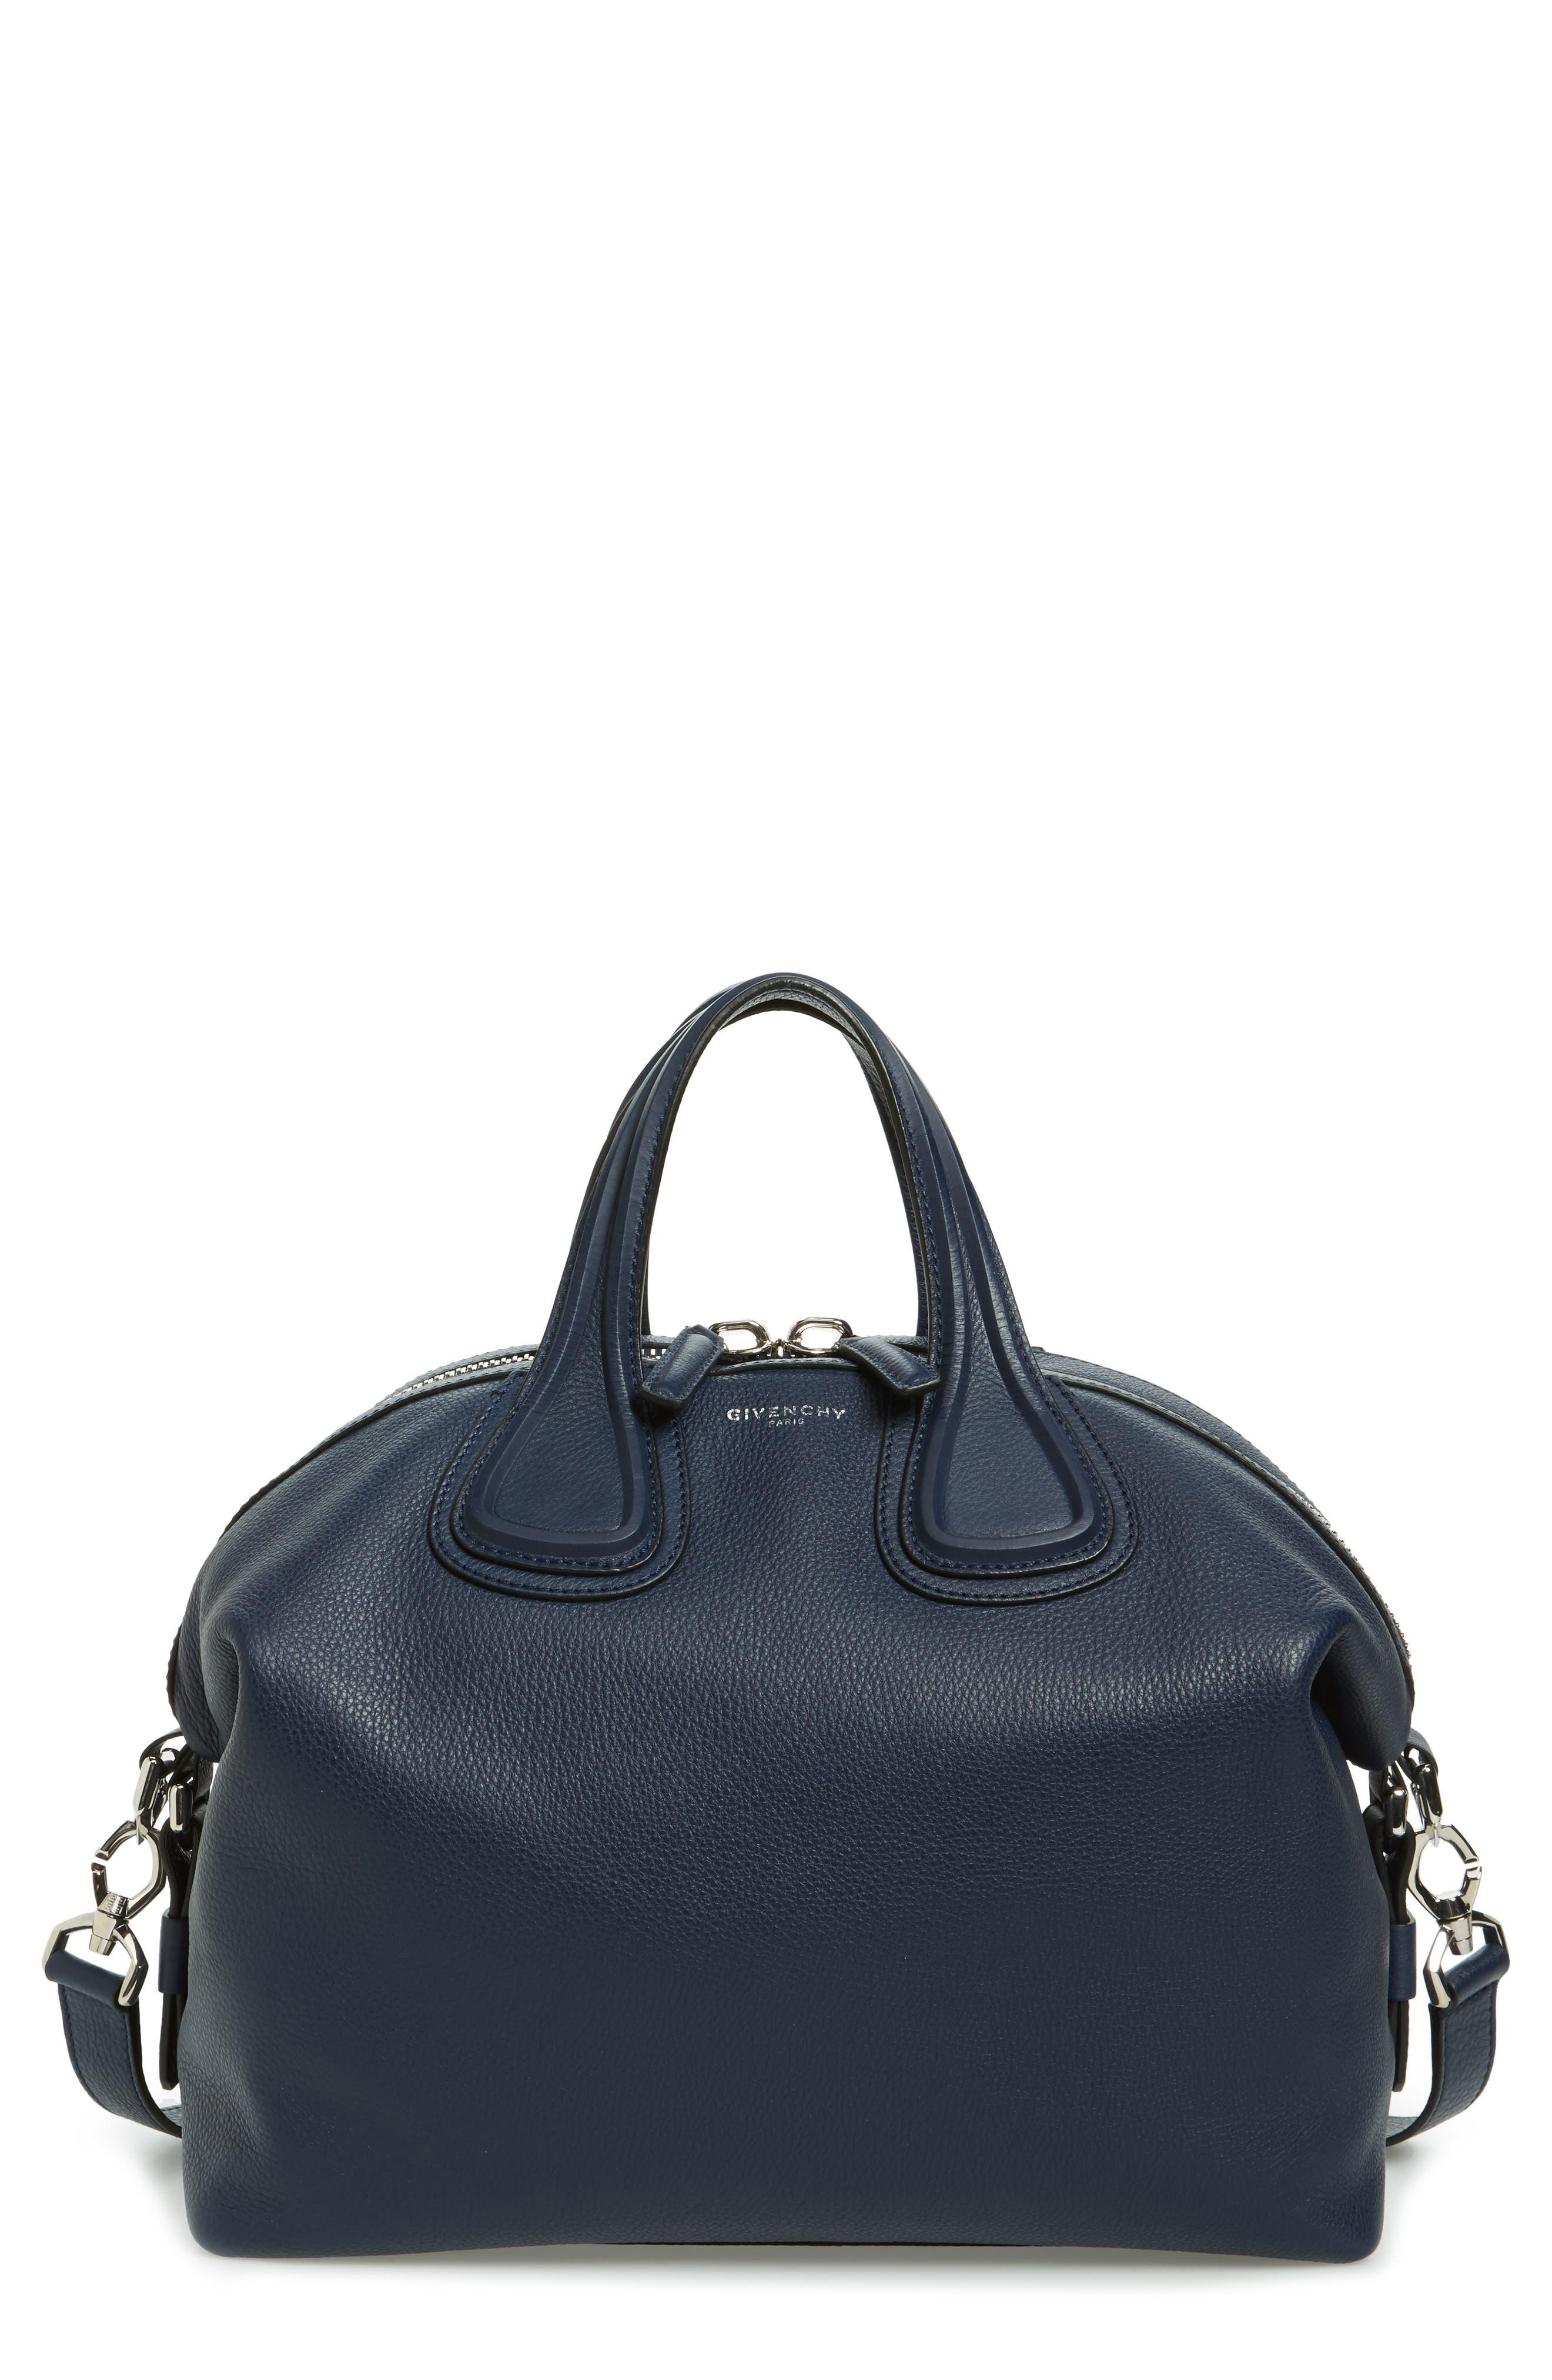 Main Image - Givenchy 'Medium Nightingale' Calfskin Leather Satchel